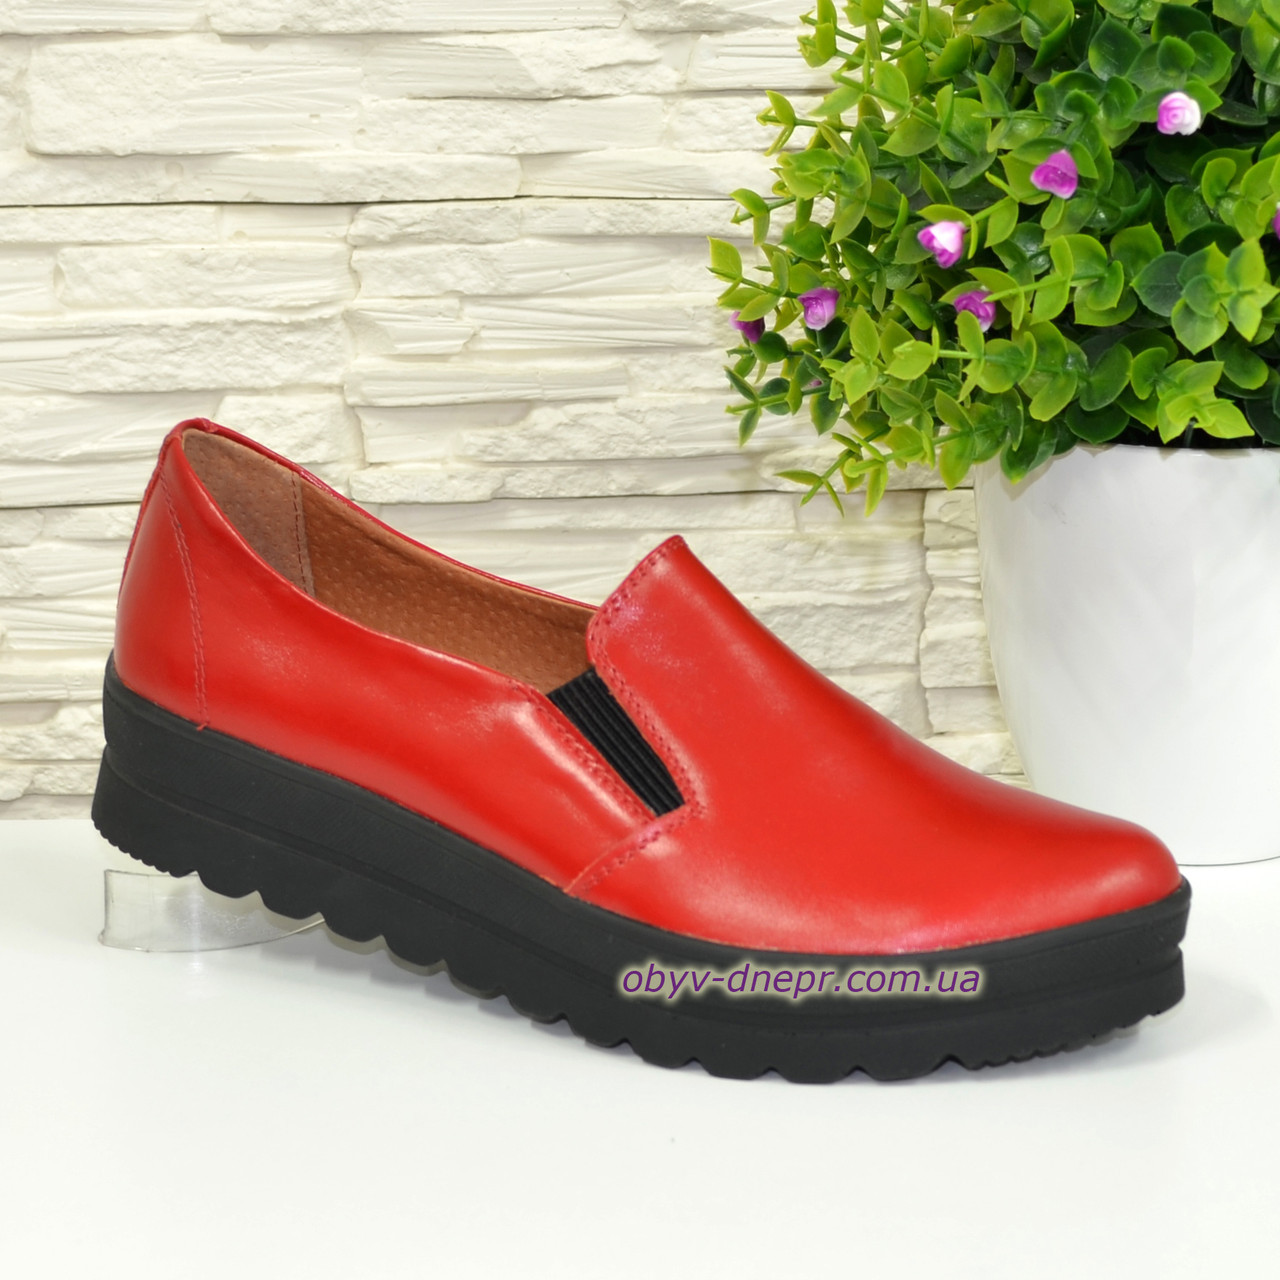 8ed719927 Туфли женские из натуральной кожи красного цвета на утолщенной подошве